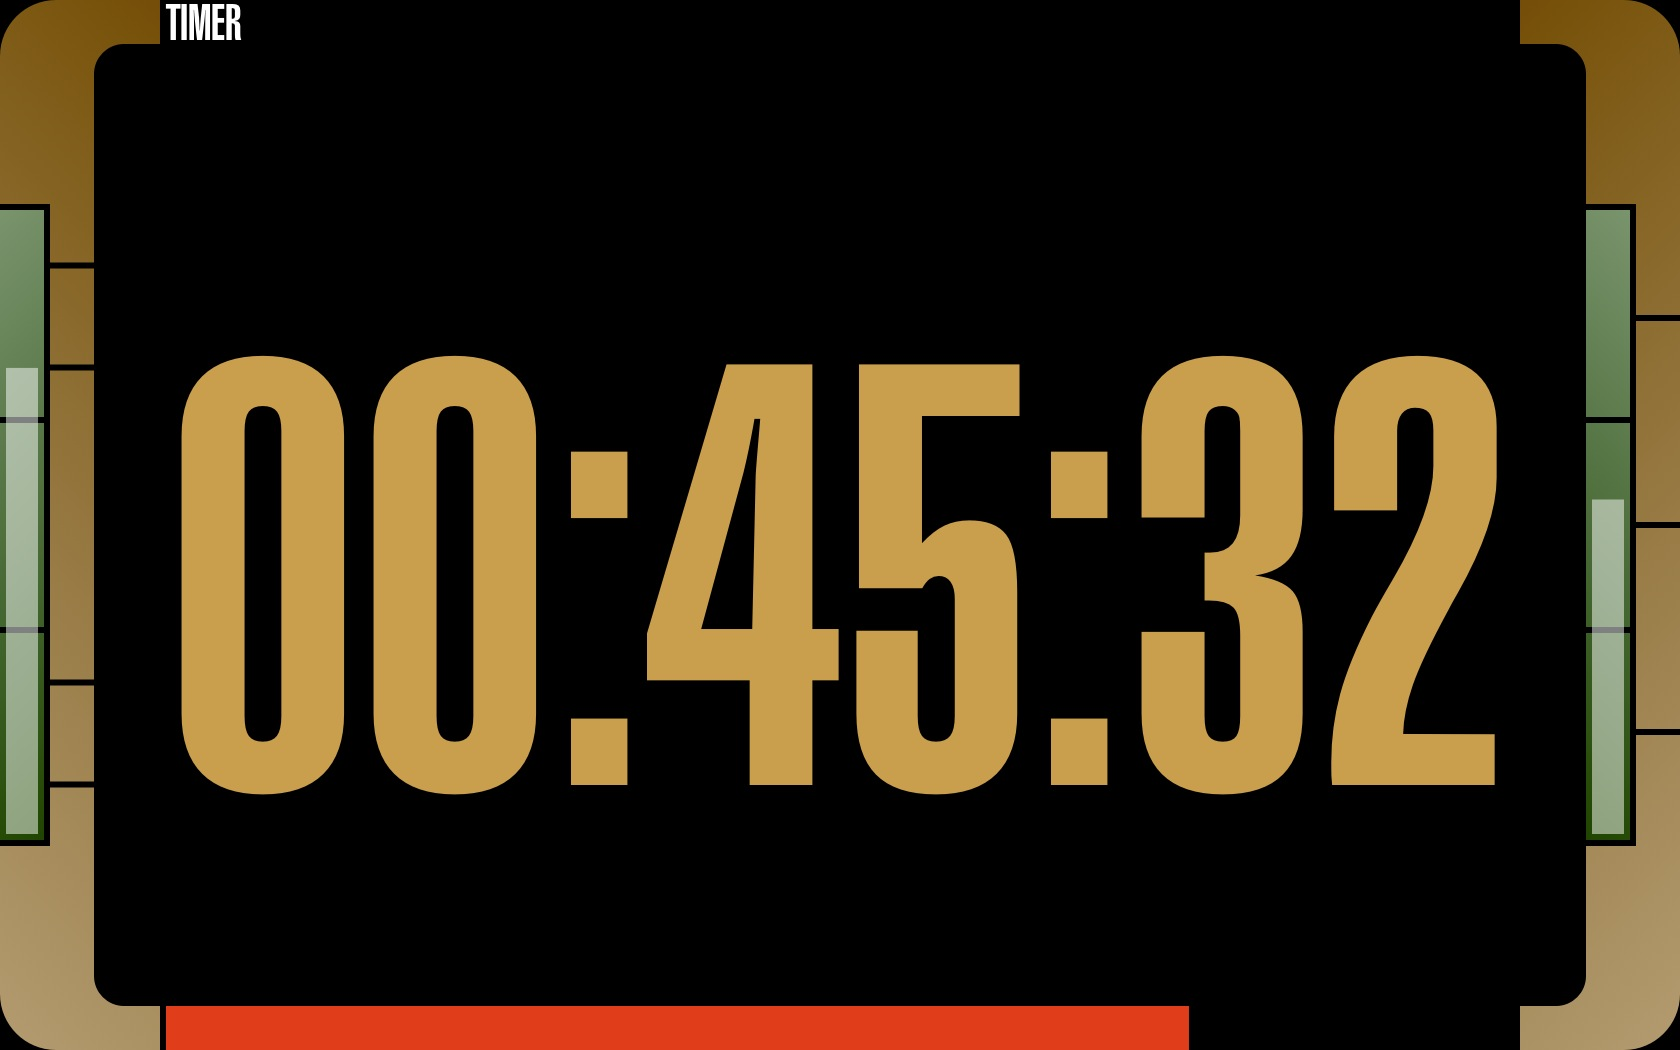 Full screen timer